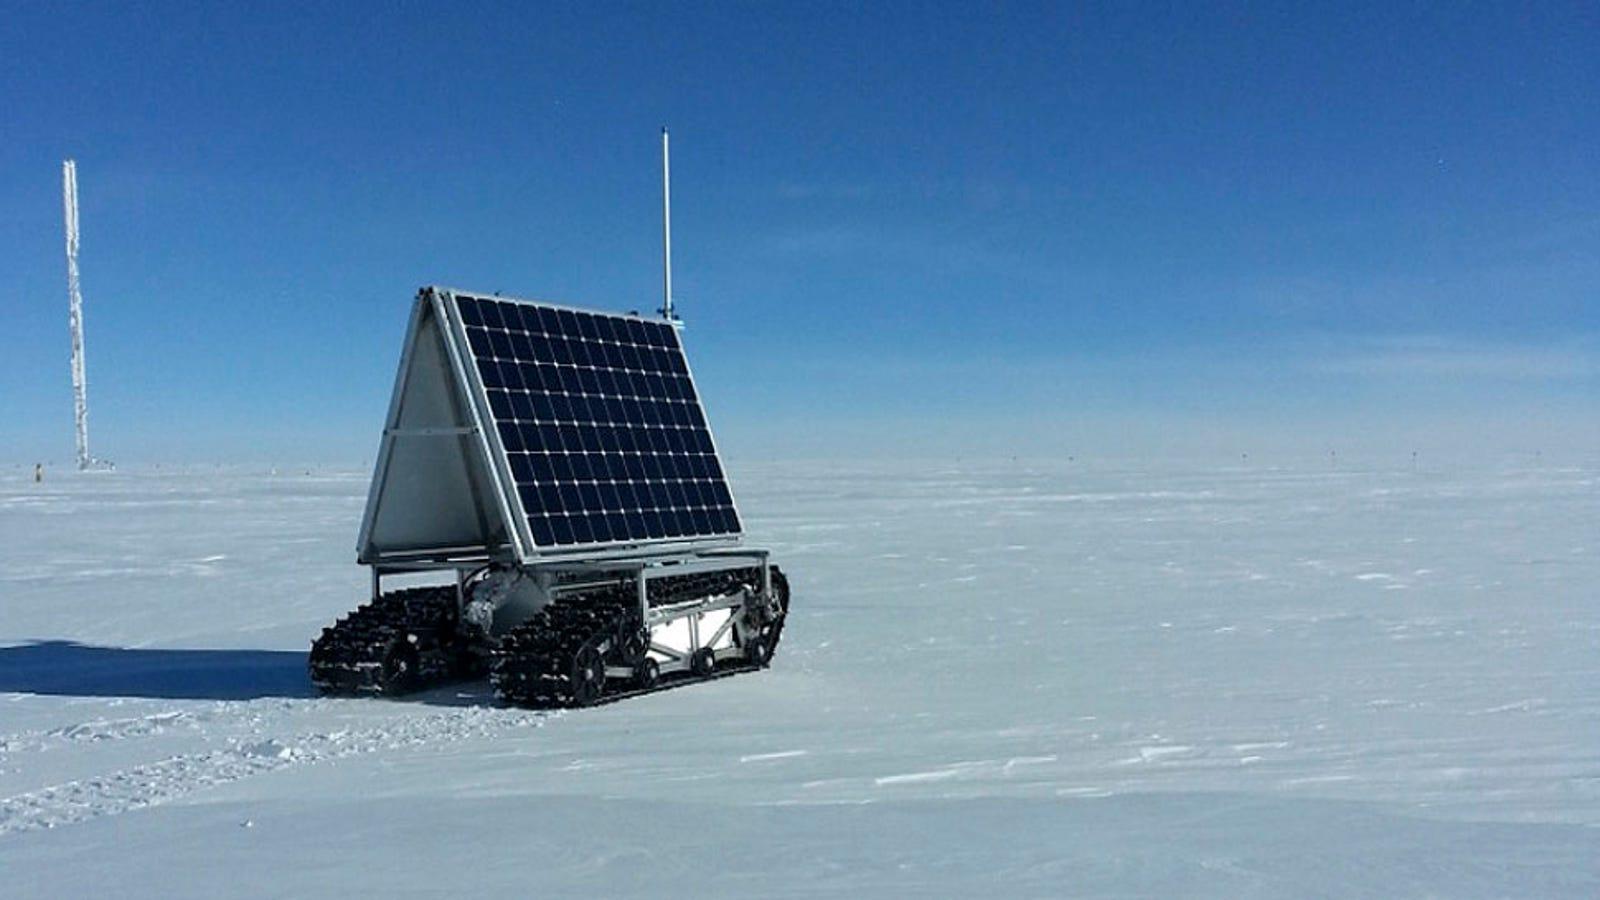 El nuevo robot de la NASA sobrevive a su prueba en Groenlandia